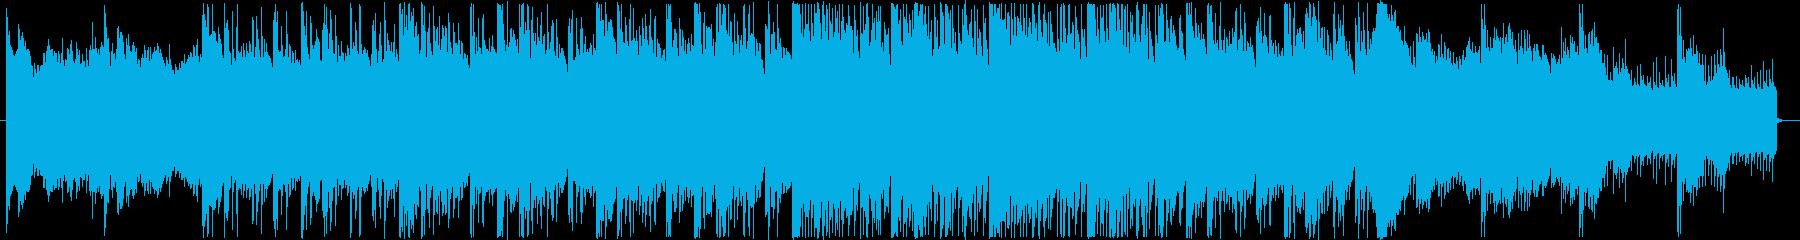 鐘の音が不気味なホラー用BGMの再生済みの波形